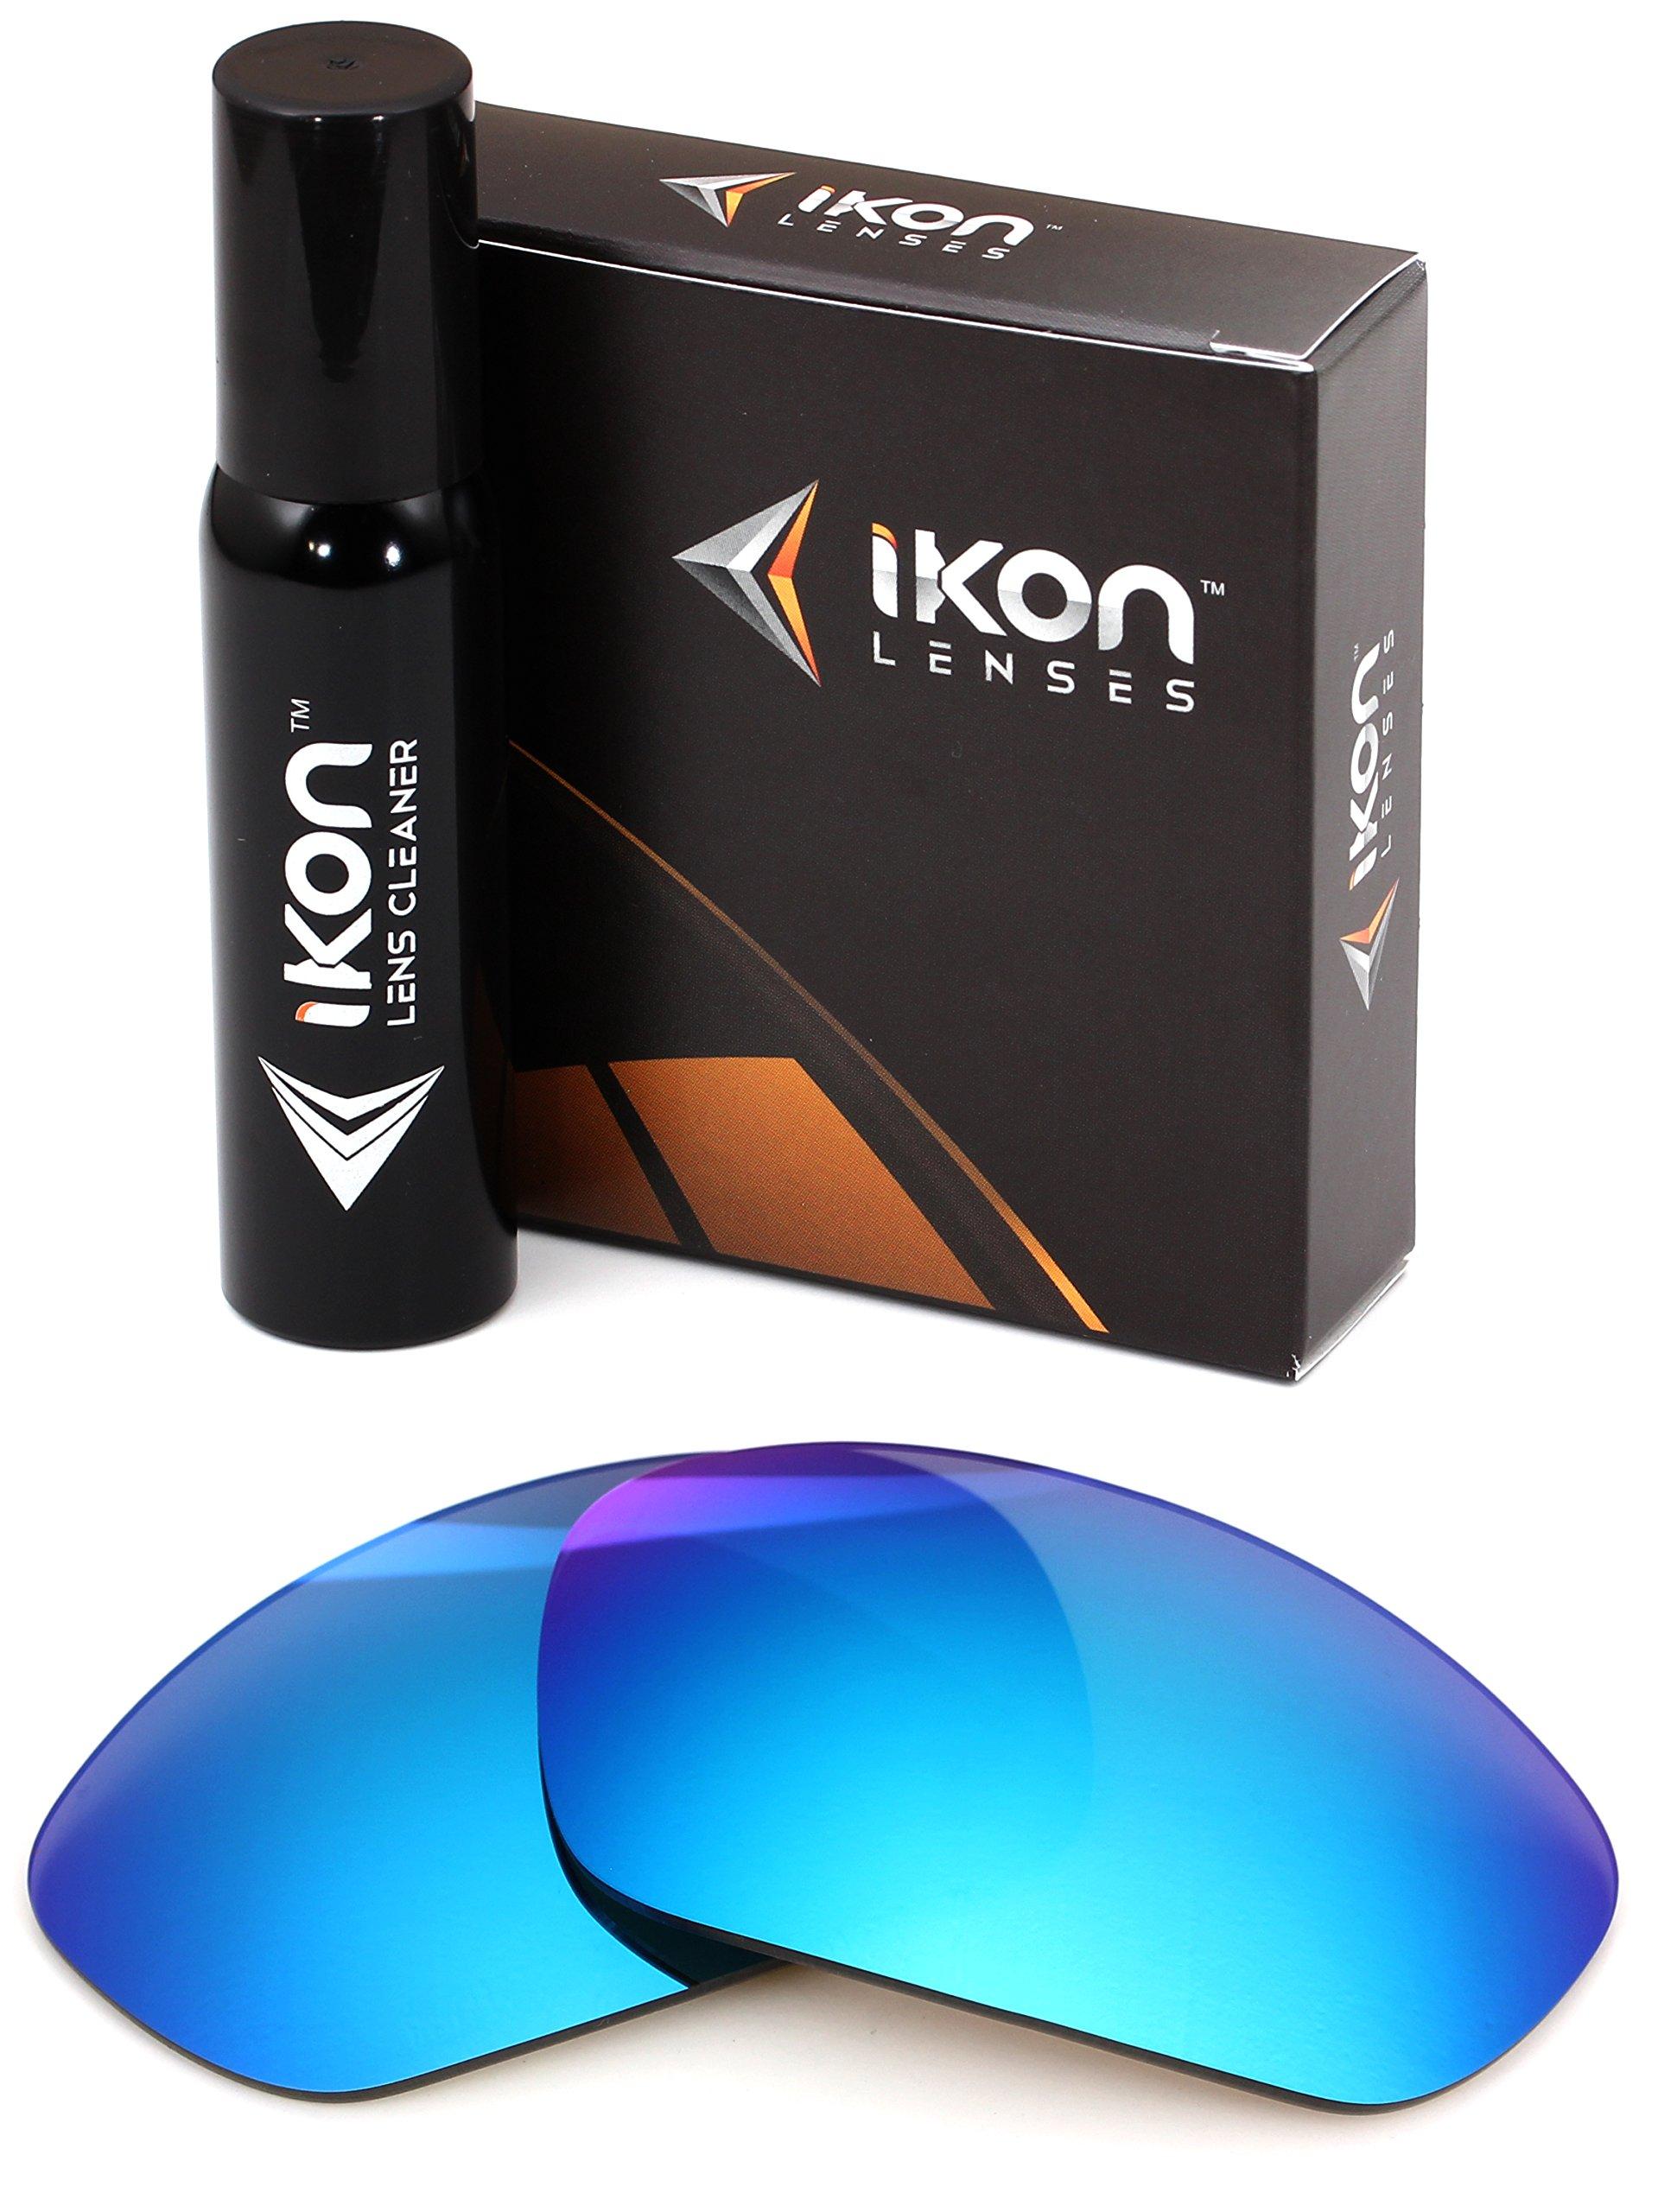 Ikon Lenses Polarized IKON Replacement Lenses For Arnette Munson Sunglasses - Ice Blue